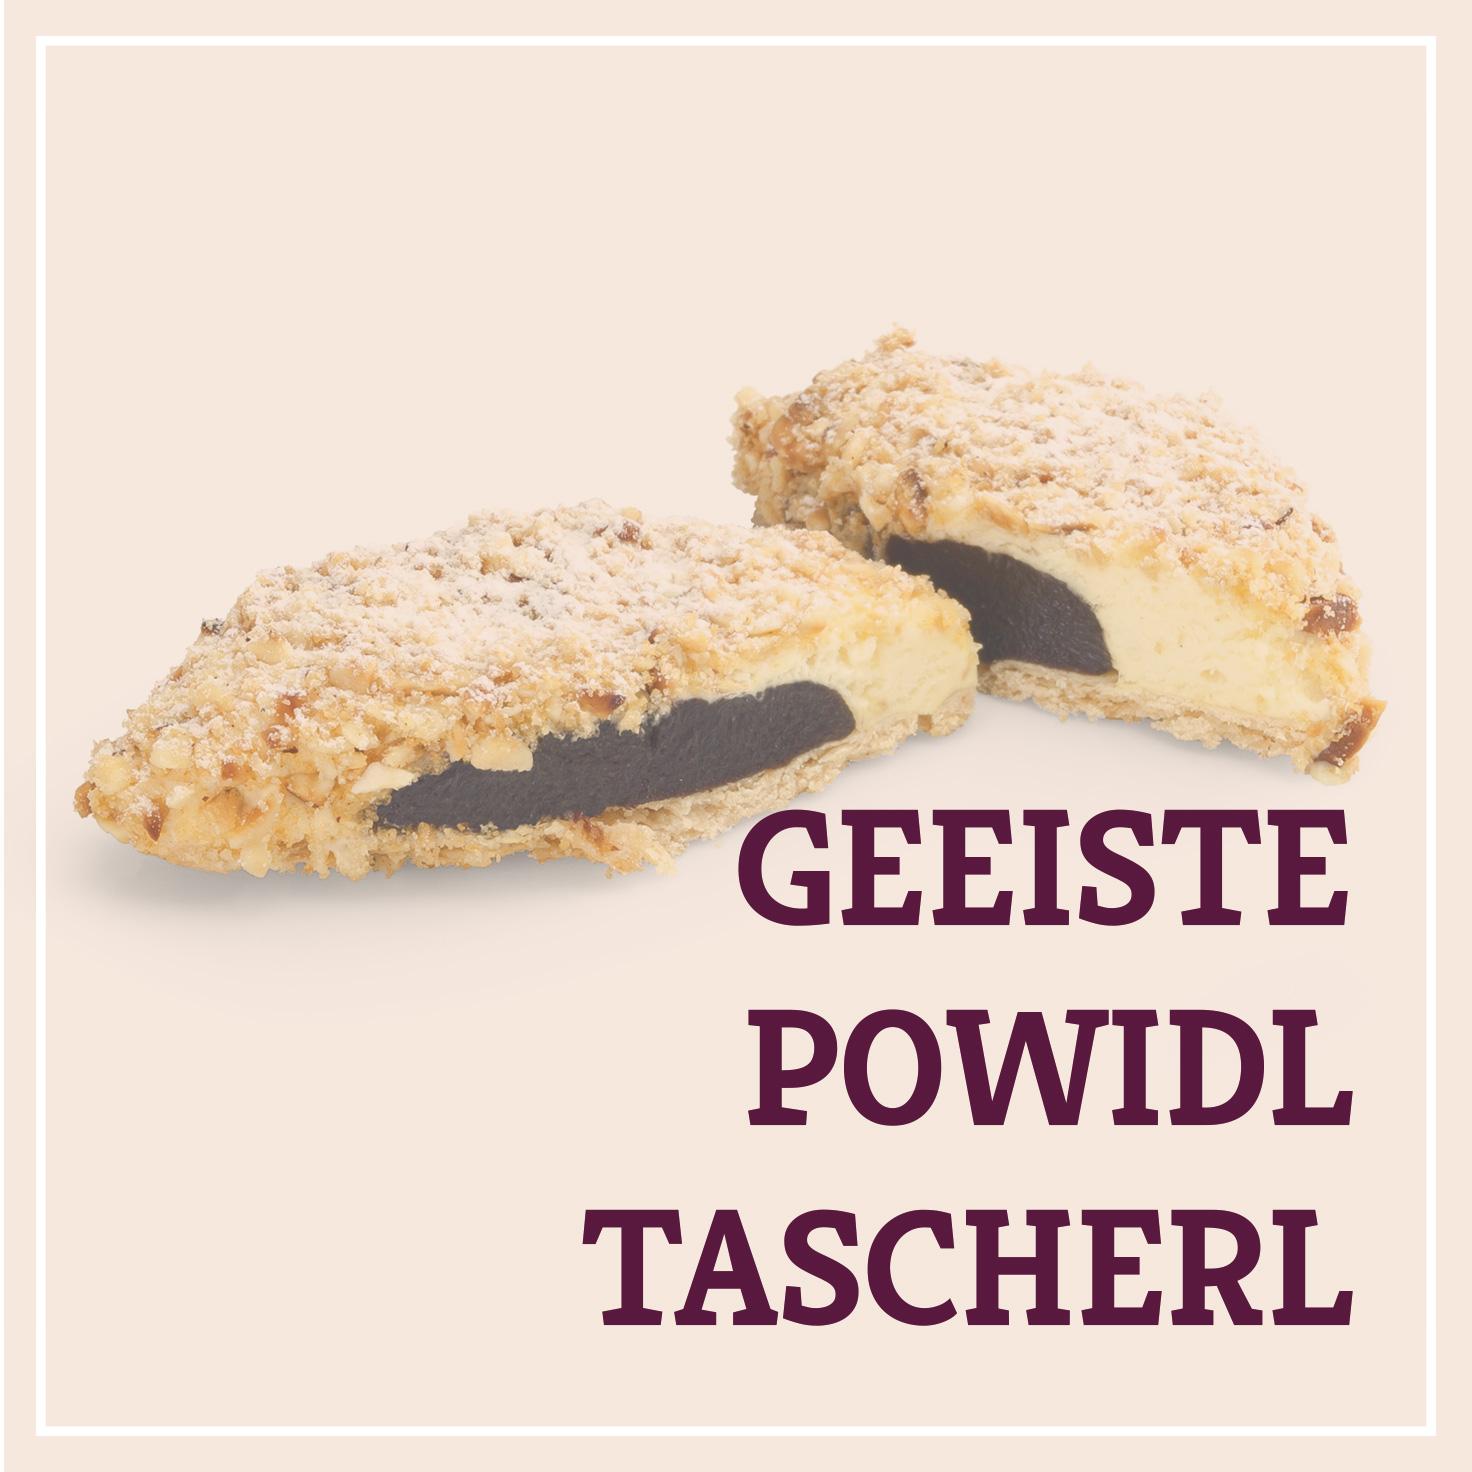 Heiss & Süß - Geeiste Powidltascherl